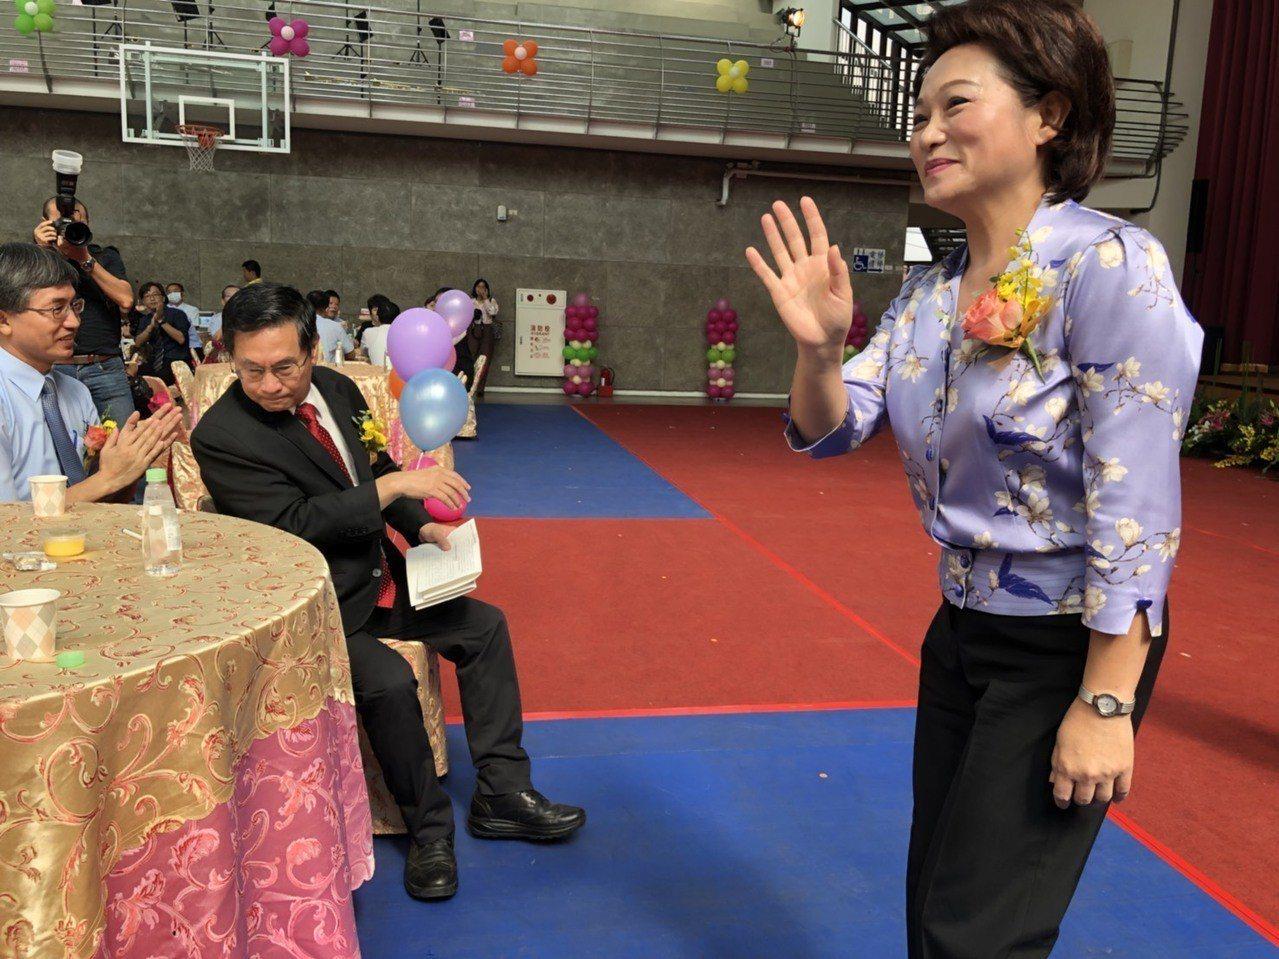 嘉義市長涂醒哲、議長蕭淑麗今天上午參加「教師節表揚大會」,同台互動不多。記者王慧...